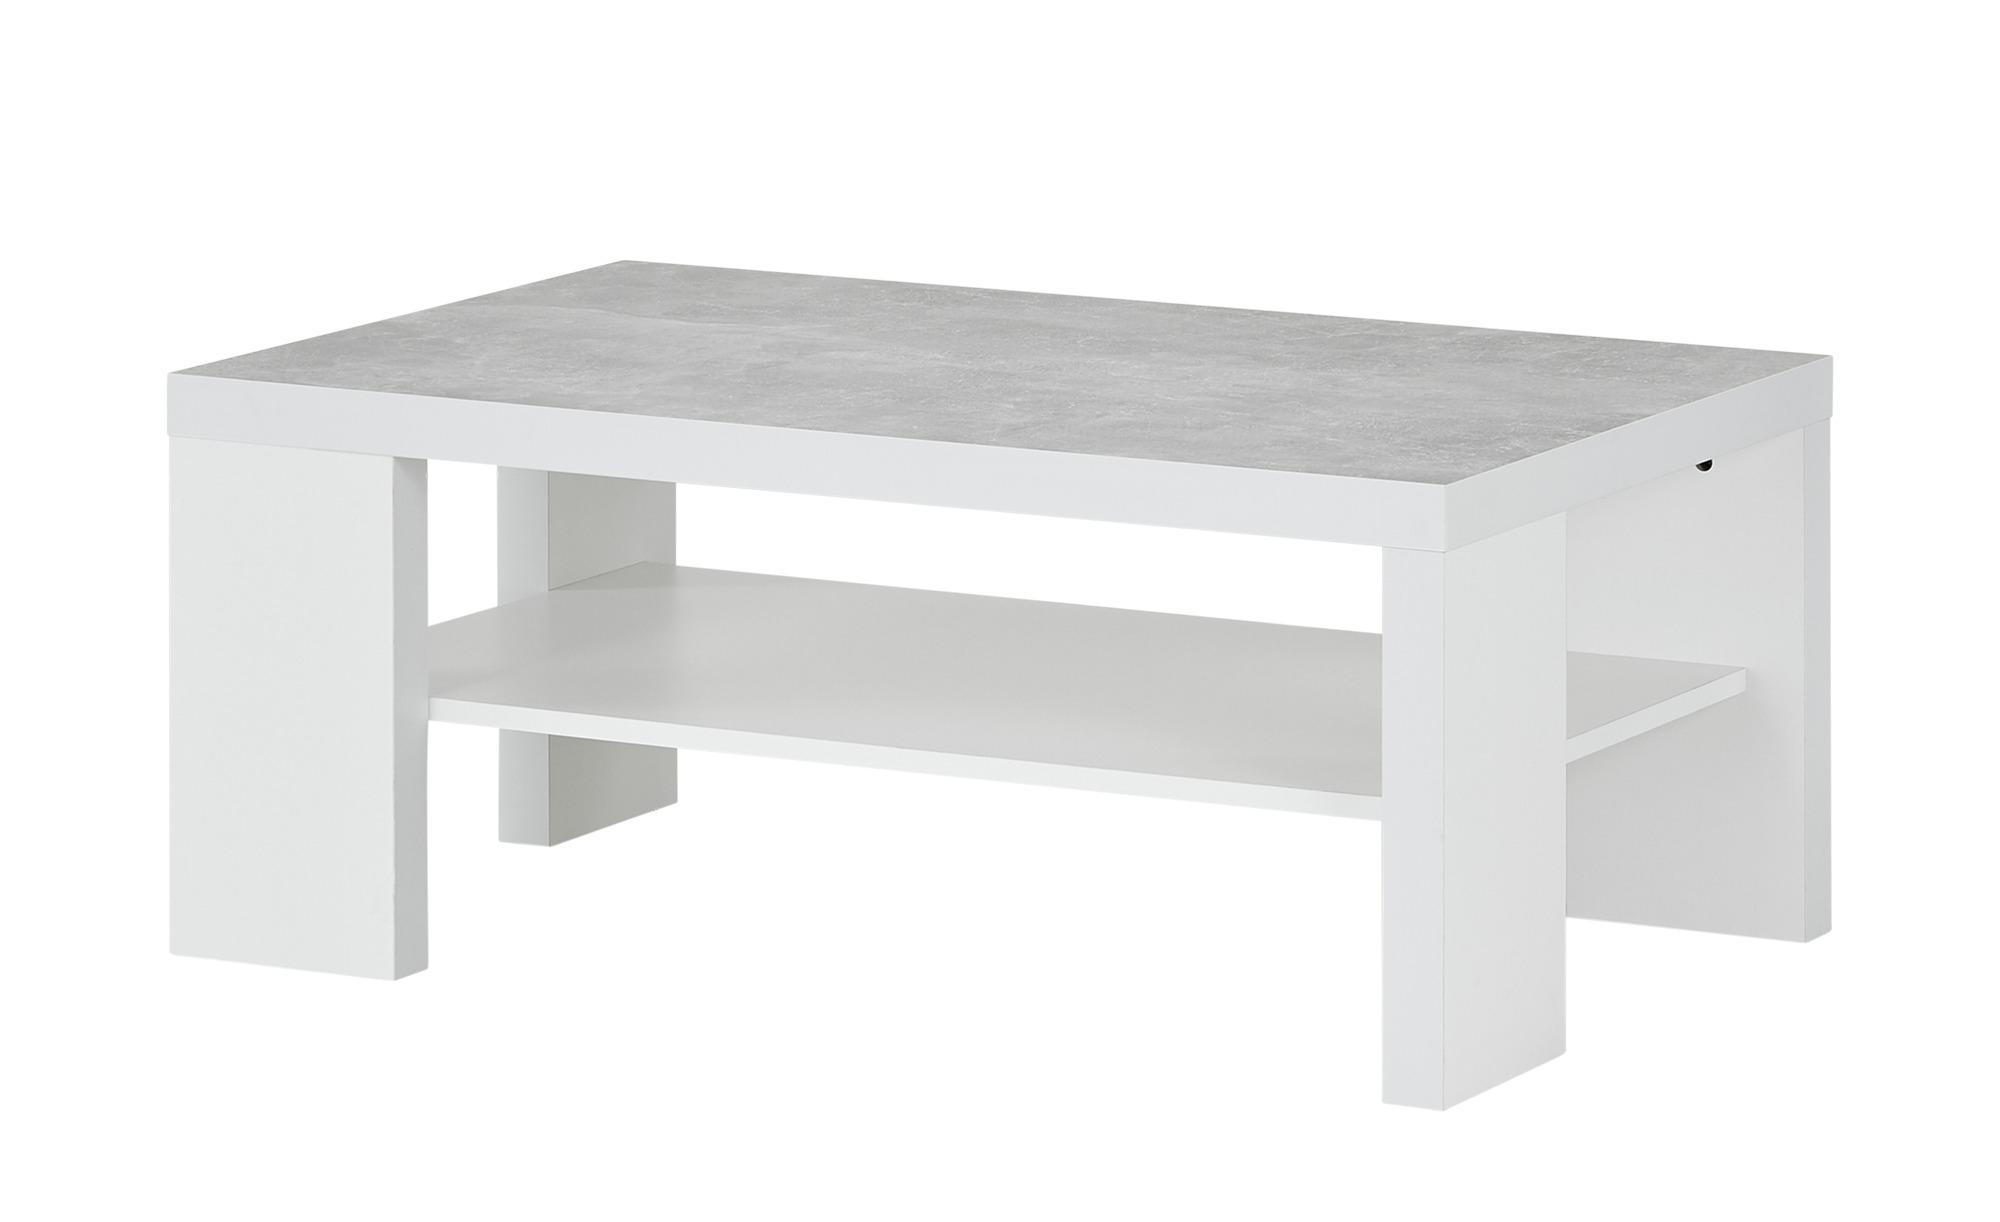 Couchtisch  Plauen ¦ Maße (cm): B: 70 H: 45 T: 70 Tische > Couchtische > Couchtische rechteckig - Höffner